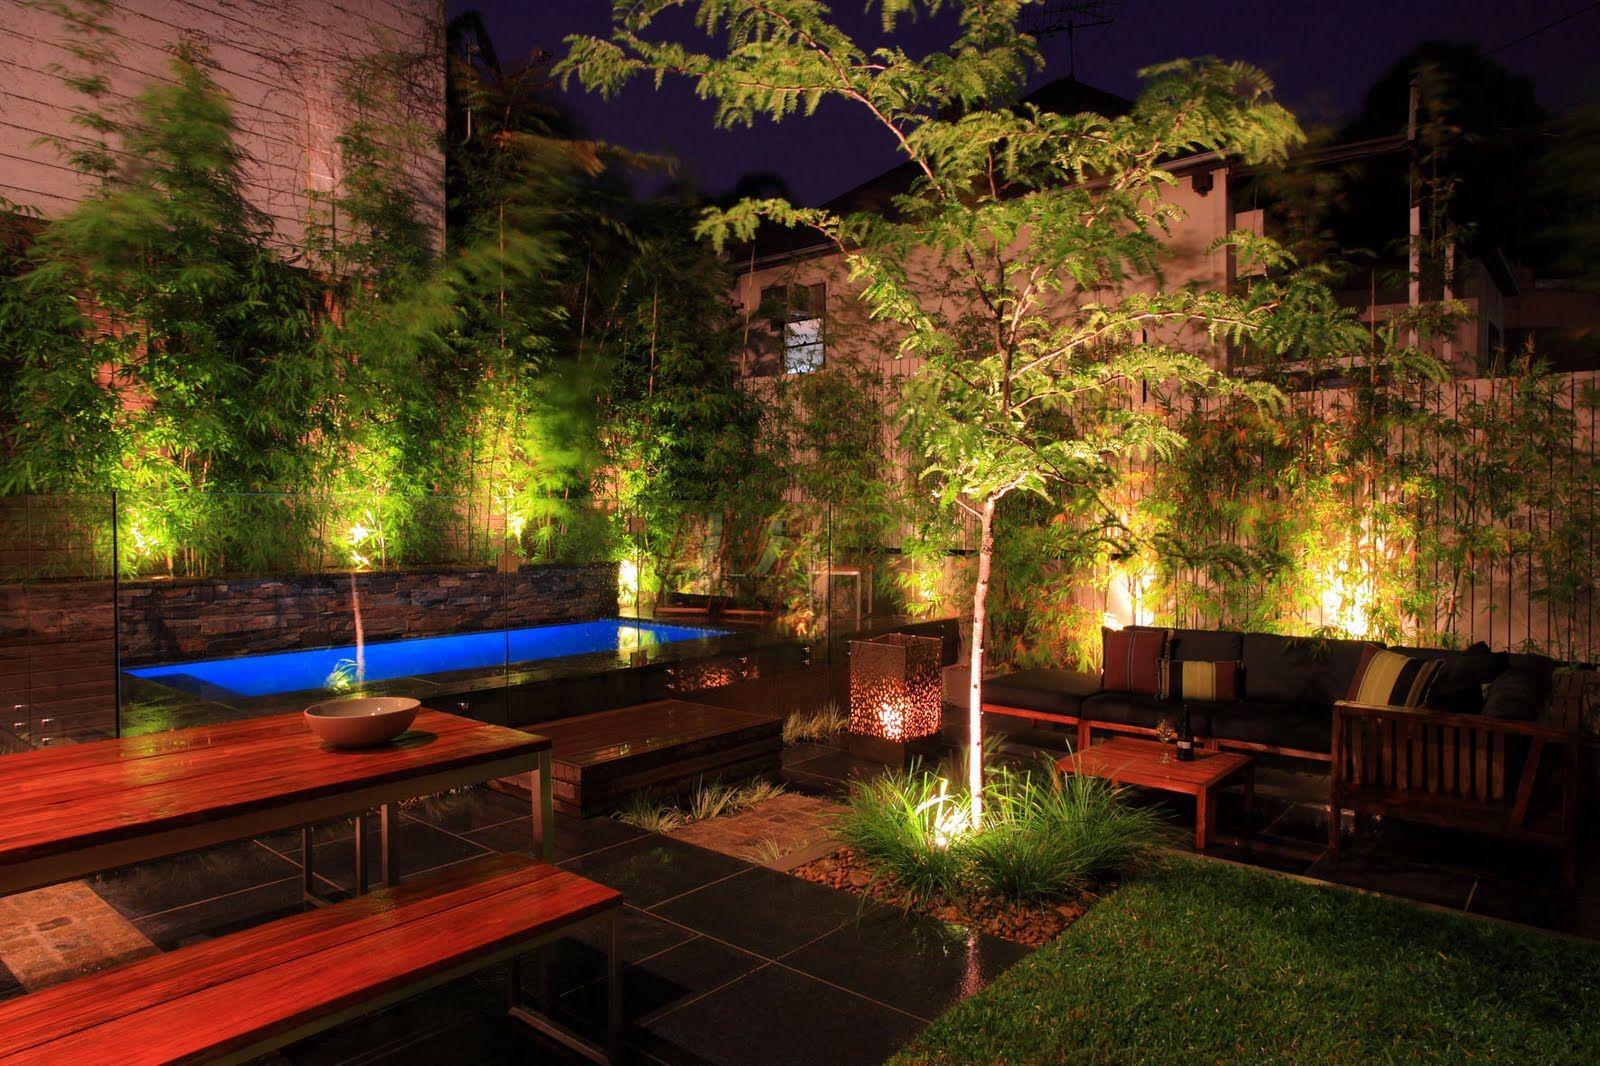 Garden Lighting Ideas Outdoor Garden X 1066 330 Kb Jpeg X